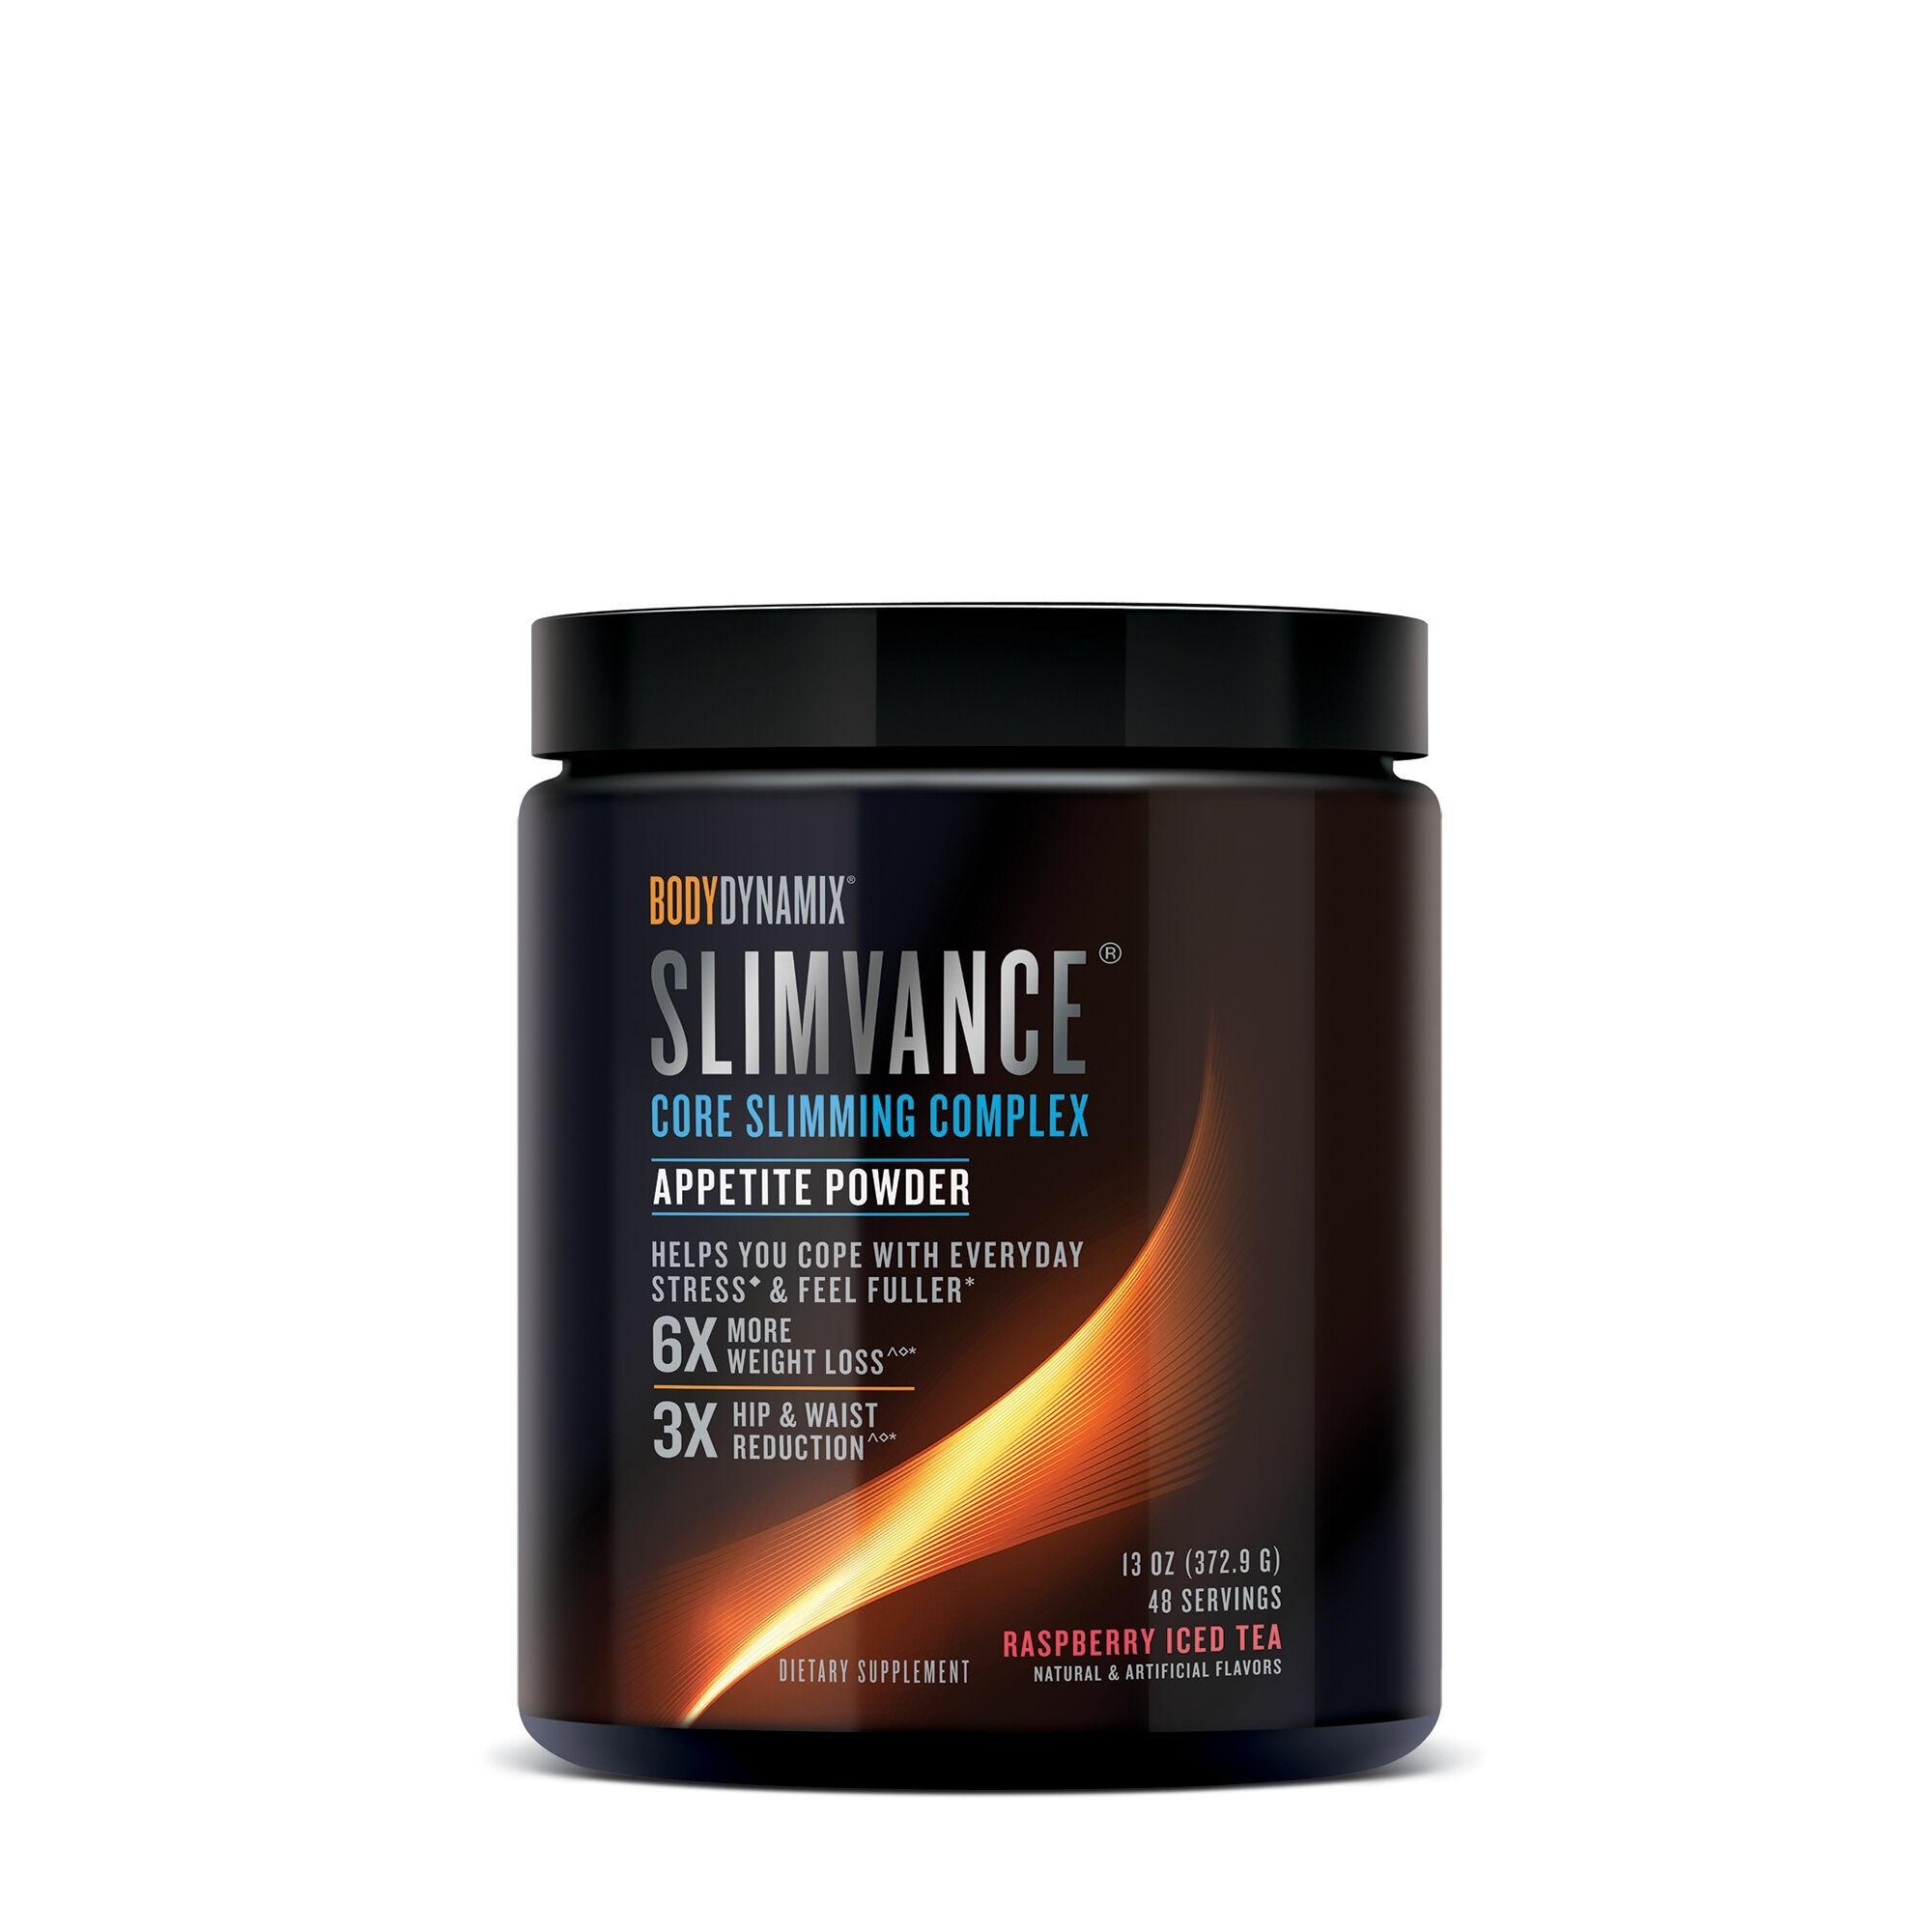 BodyDynamix™ Slimvance® Appetite Powder, Formula pentru Reglarea Apetitului, cu Aroma de Ceai Rece de Zmeura, 372.9g